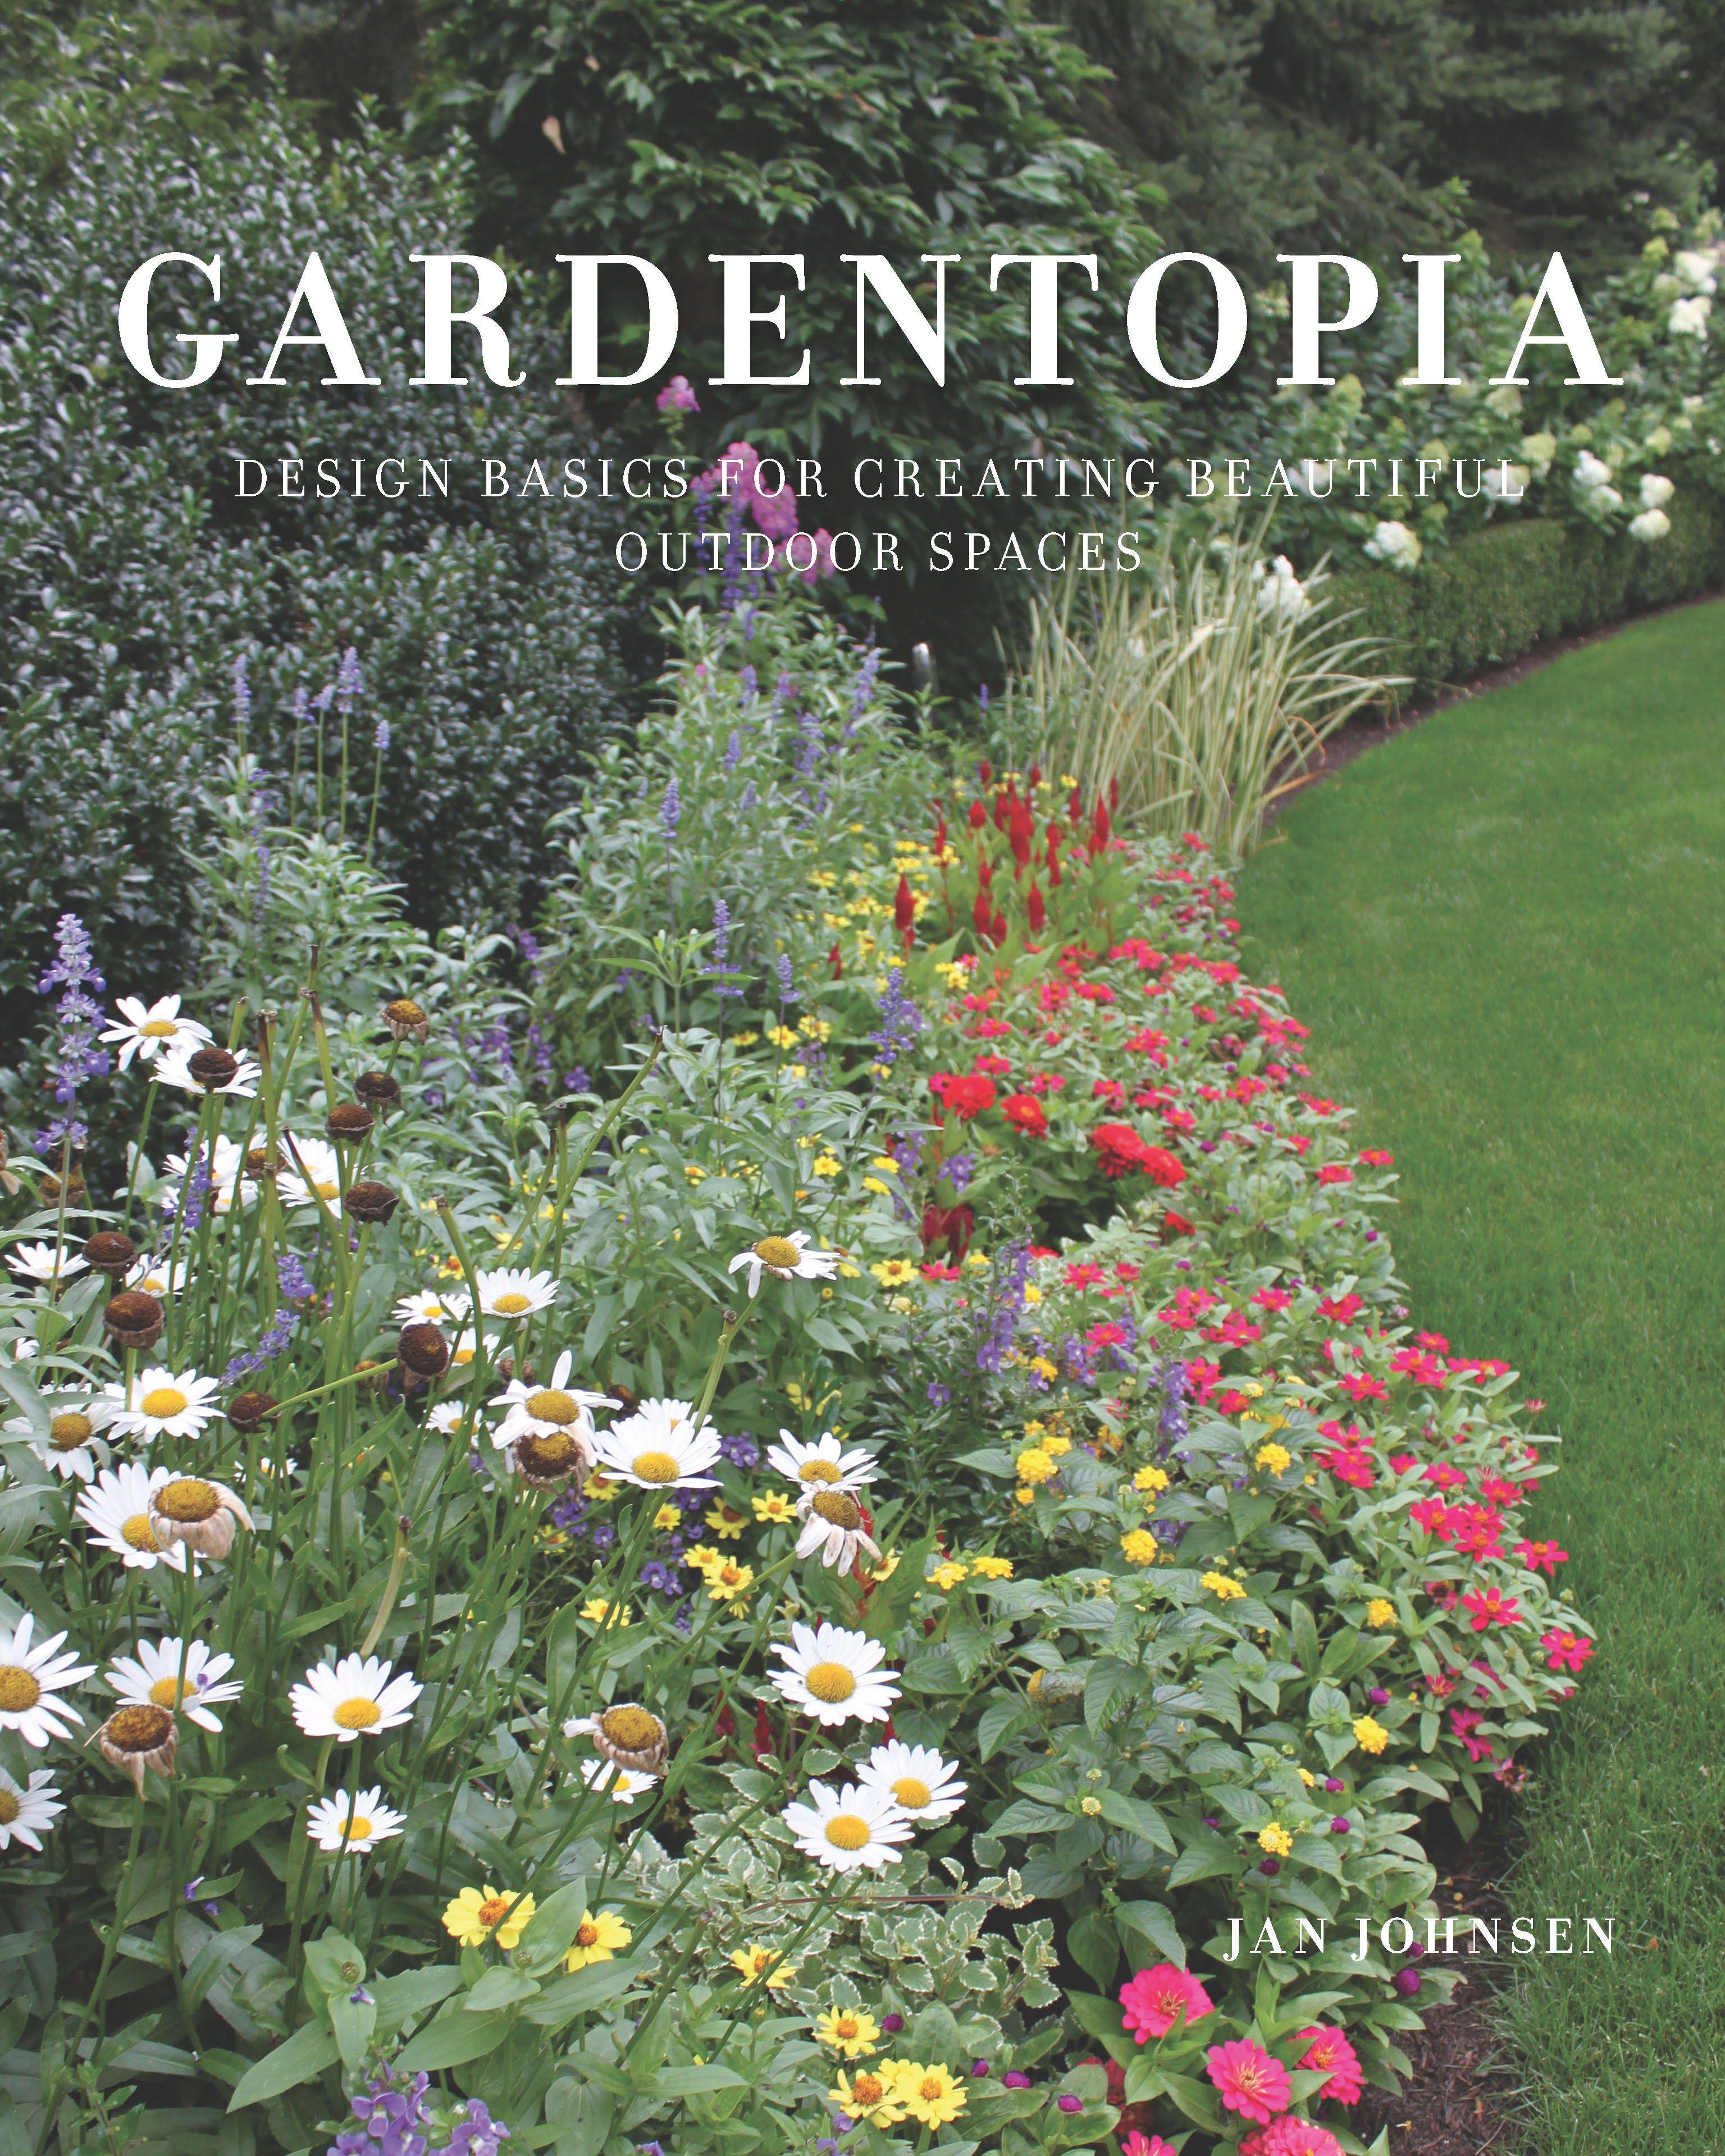 Gardentopia Garden Book Gardening Books Garden Design Magazine Beautiful Outdoor Spaces